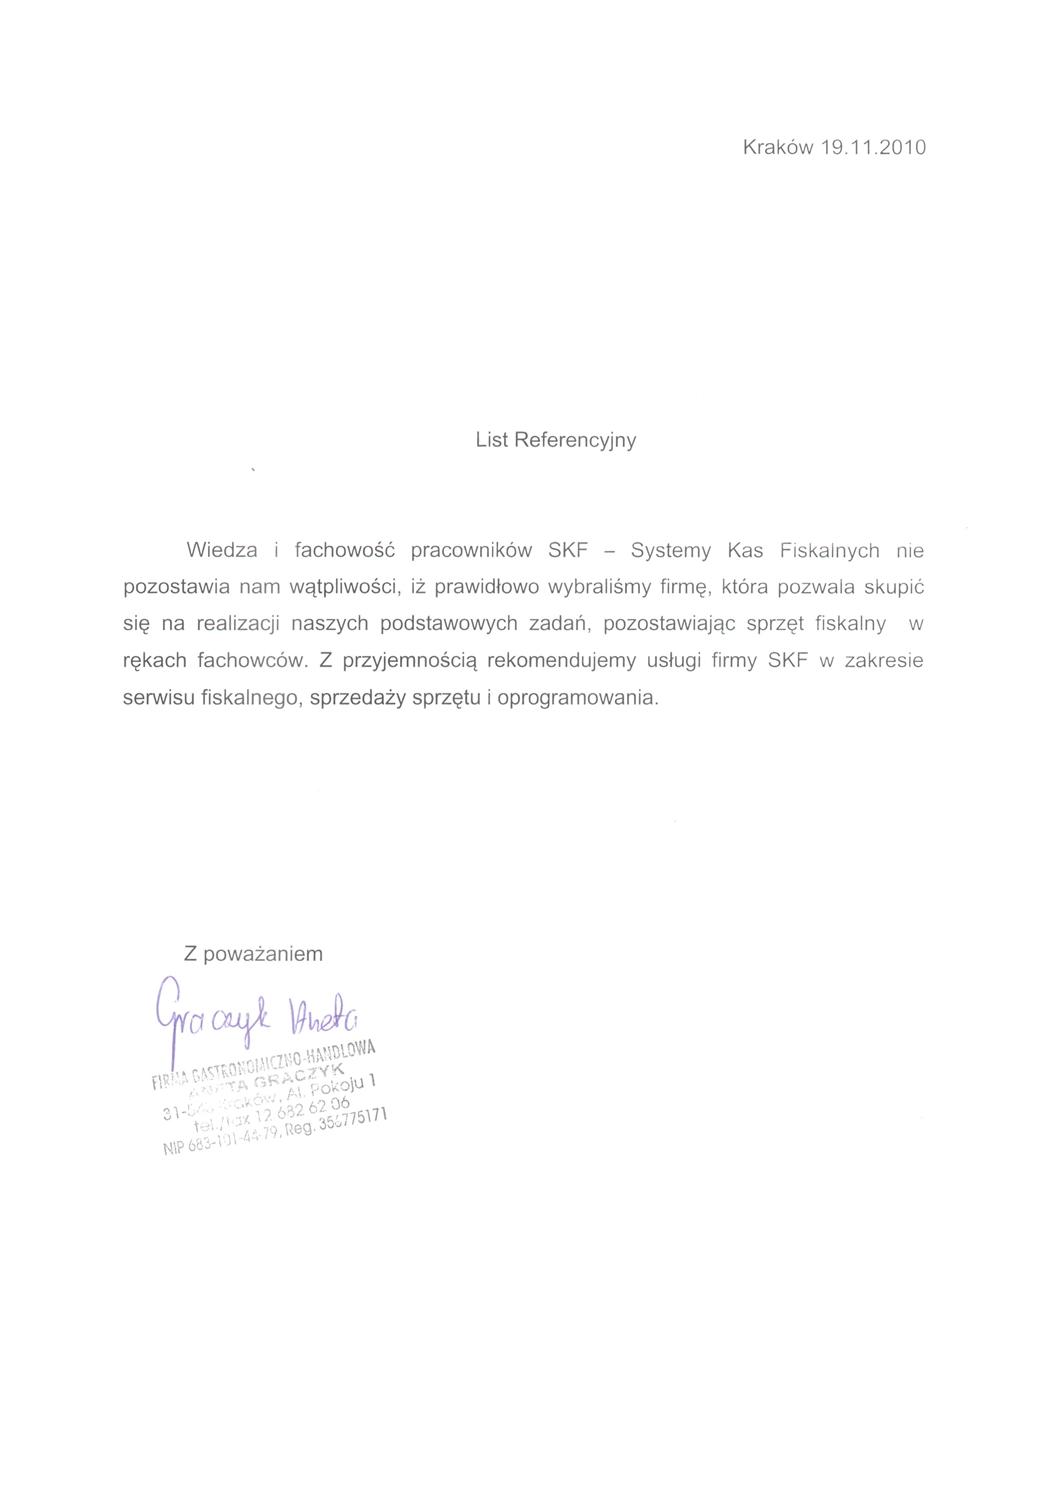 Firma Gastronomiczno-Handlowa Aneta Graczyk